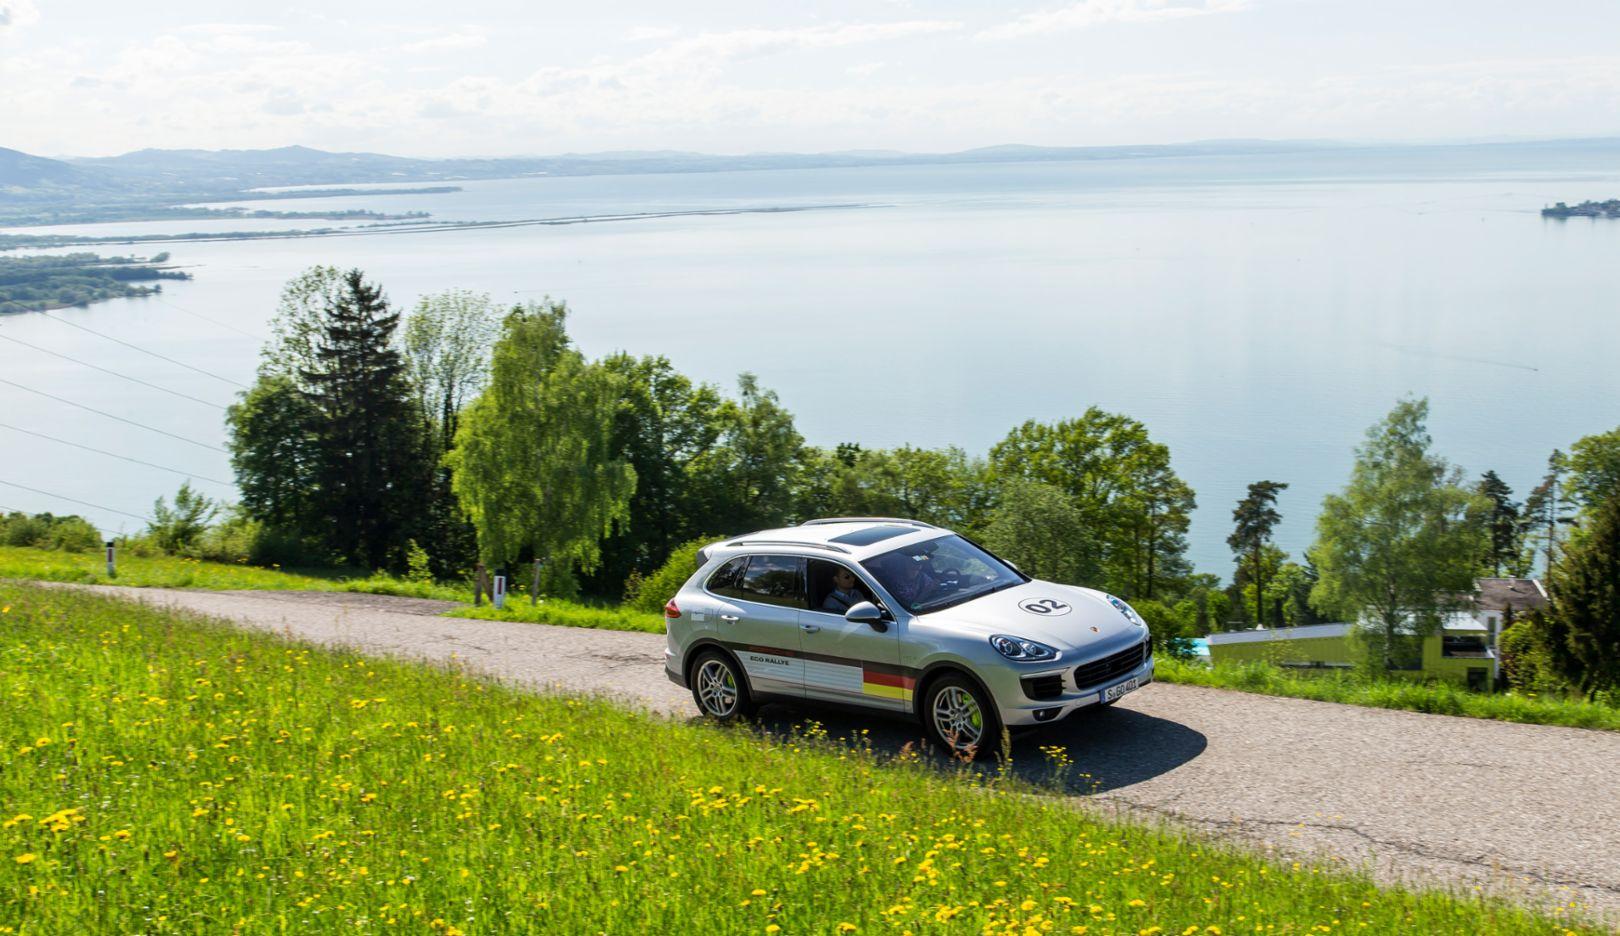 Cayenne S E-Hybrid, Eco Rallye Lake Constance, 2015, Porsche AG